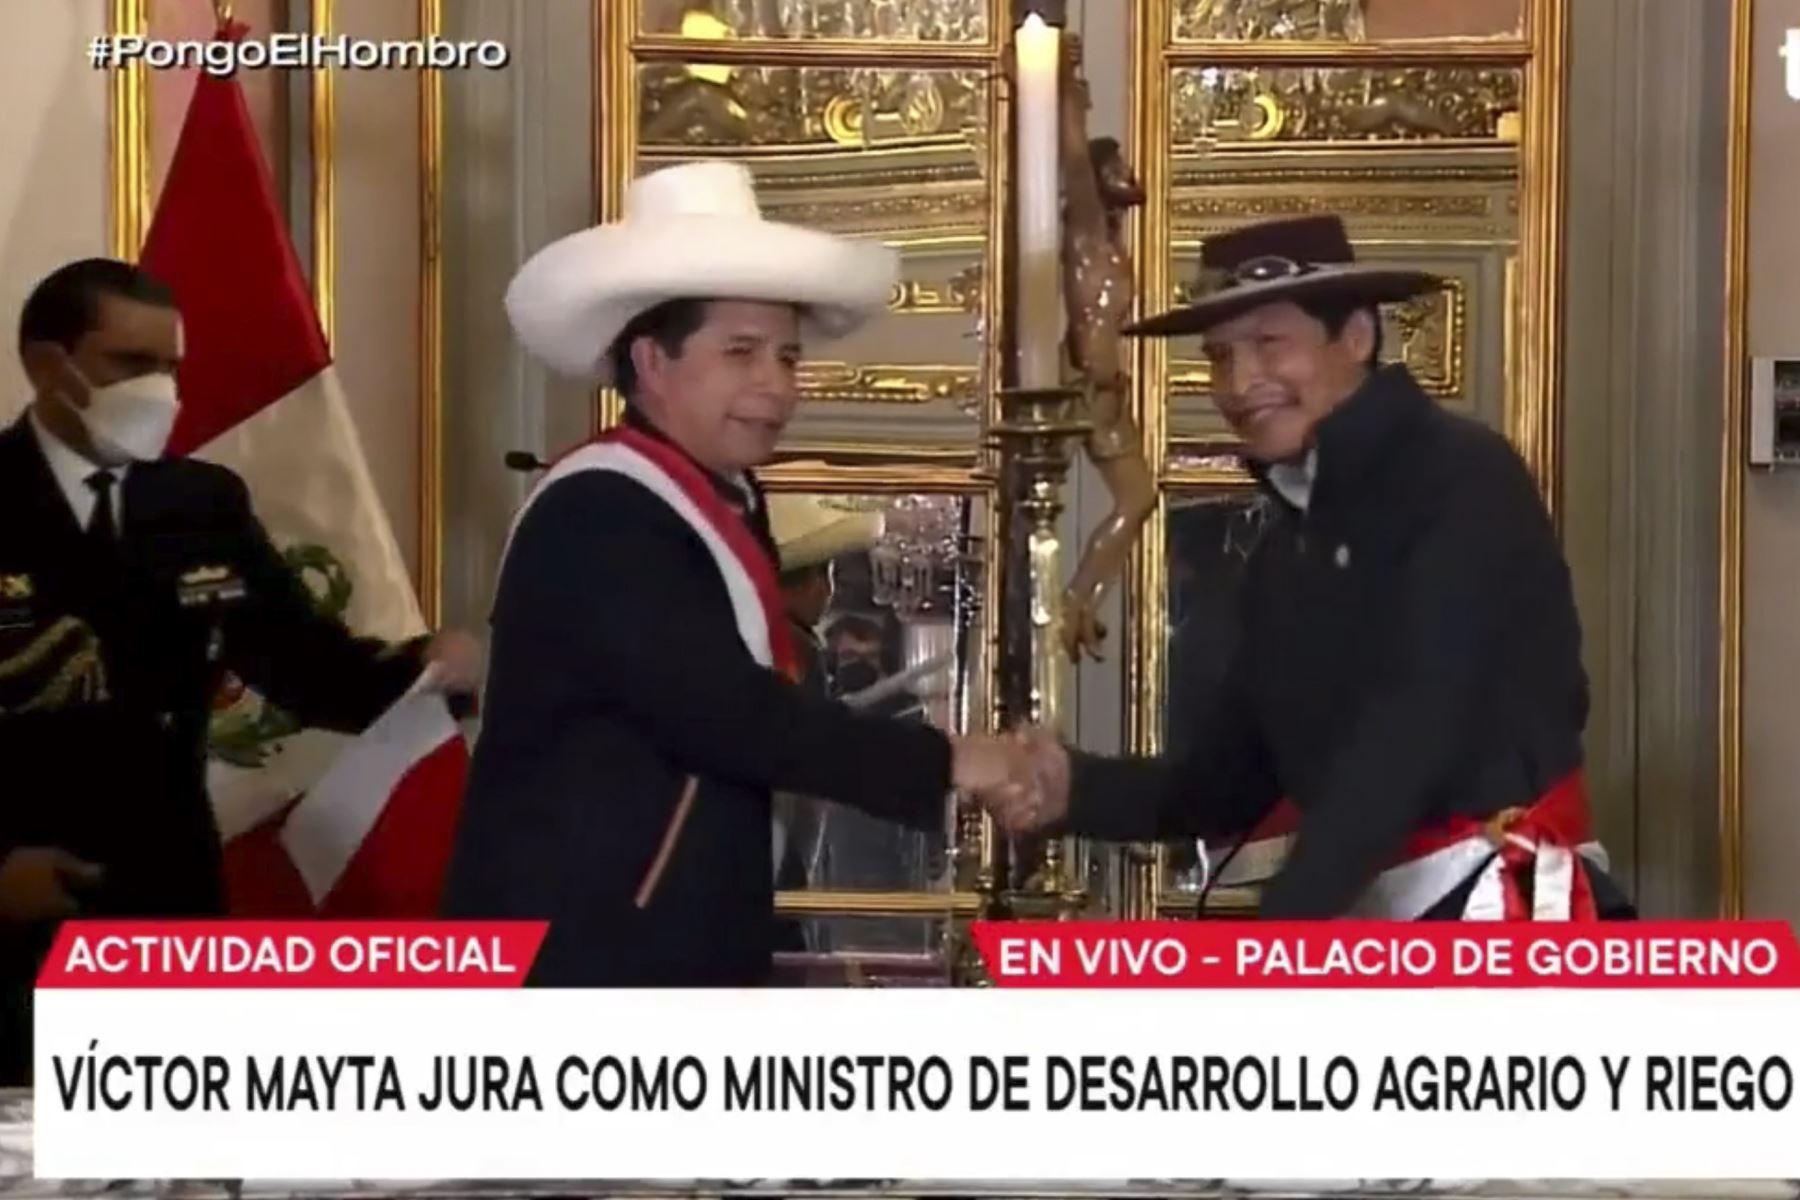 Víctor Maita Frisancho jura como ministro de Desarrollo Agrario y Riego